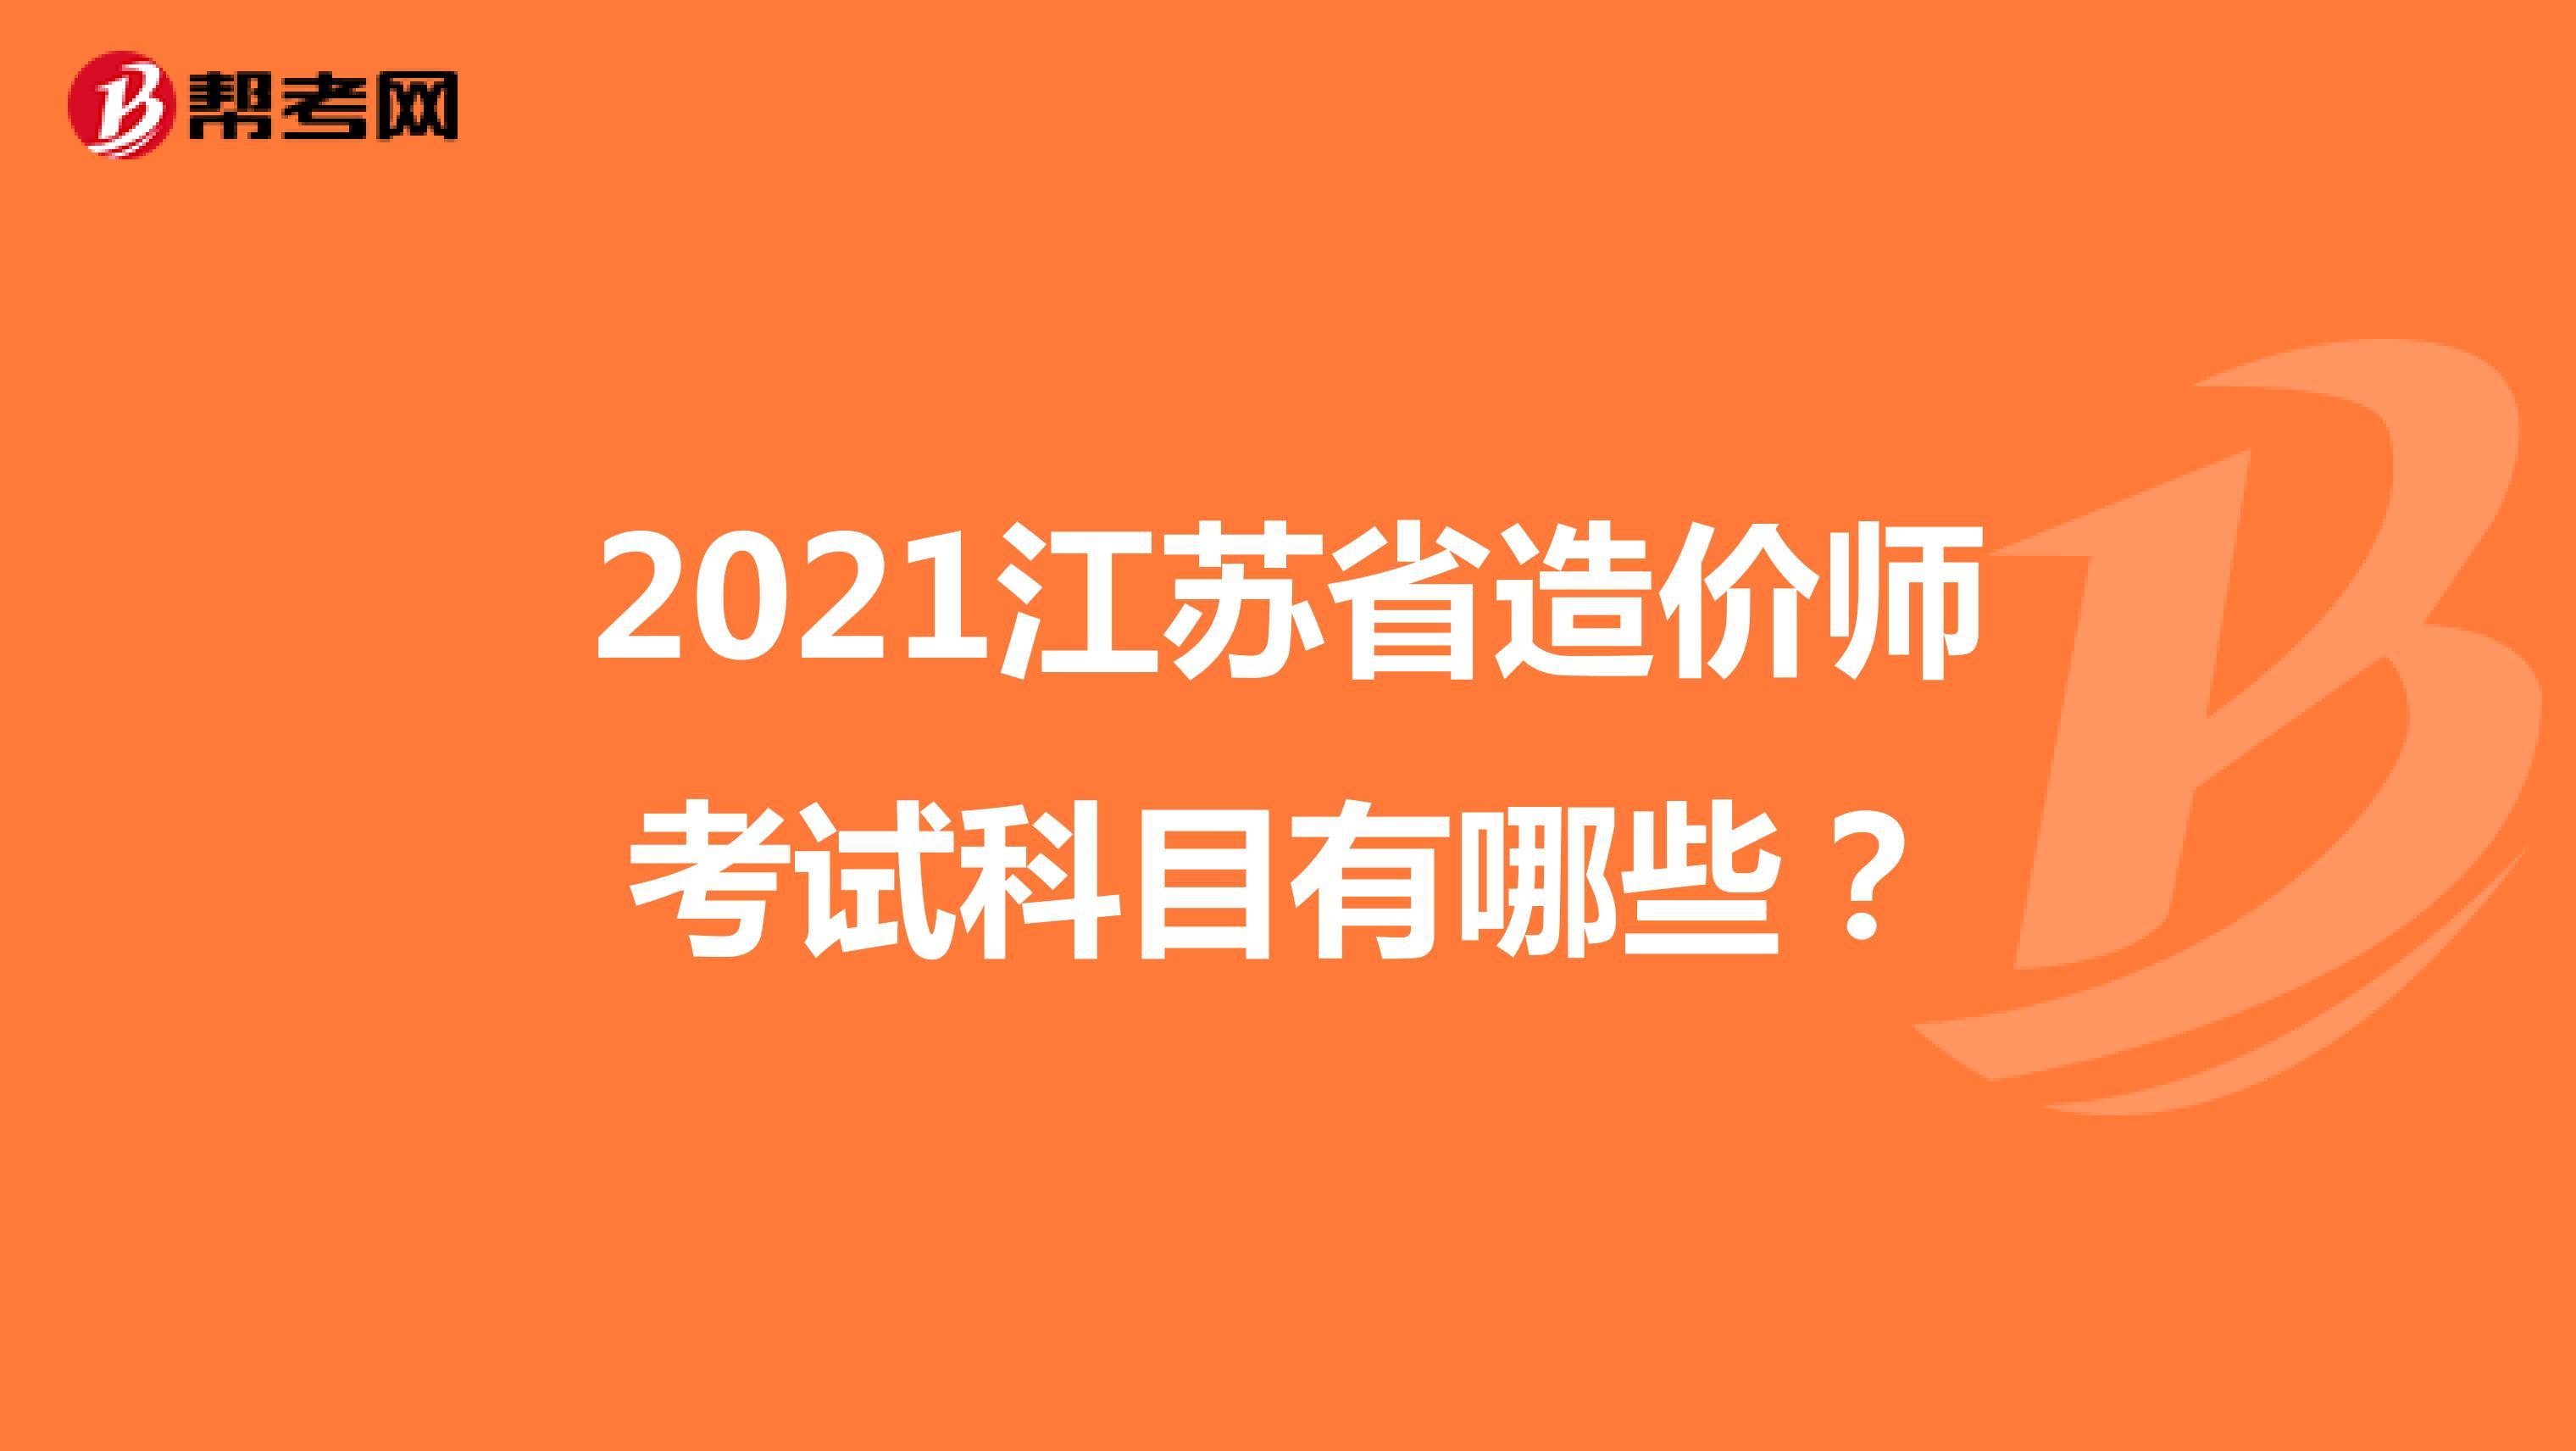 2021江蘇省造價師考試科目有哪些?